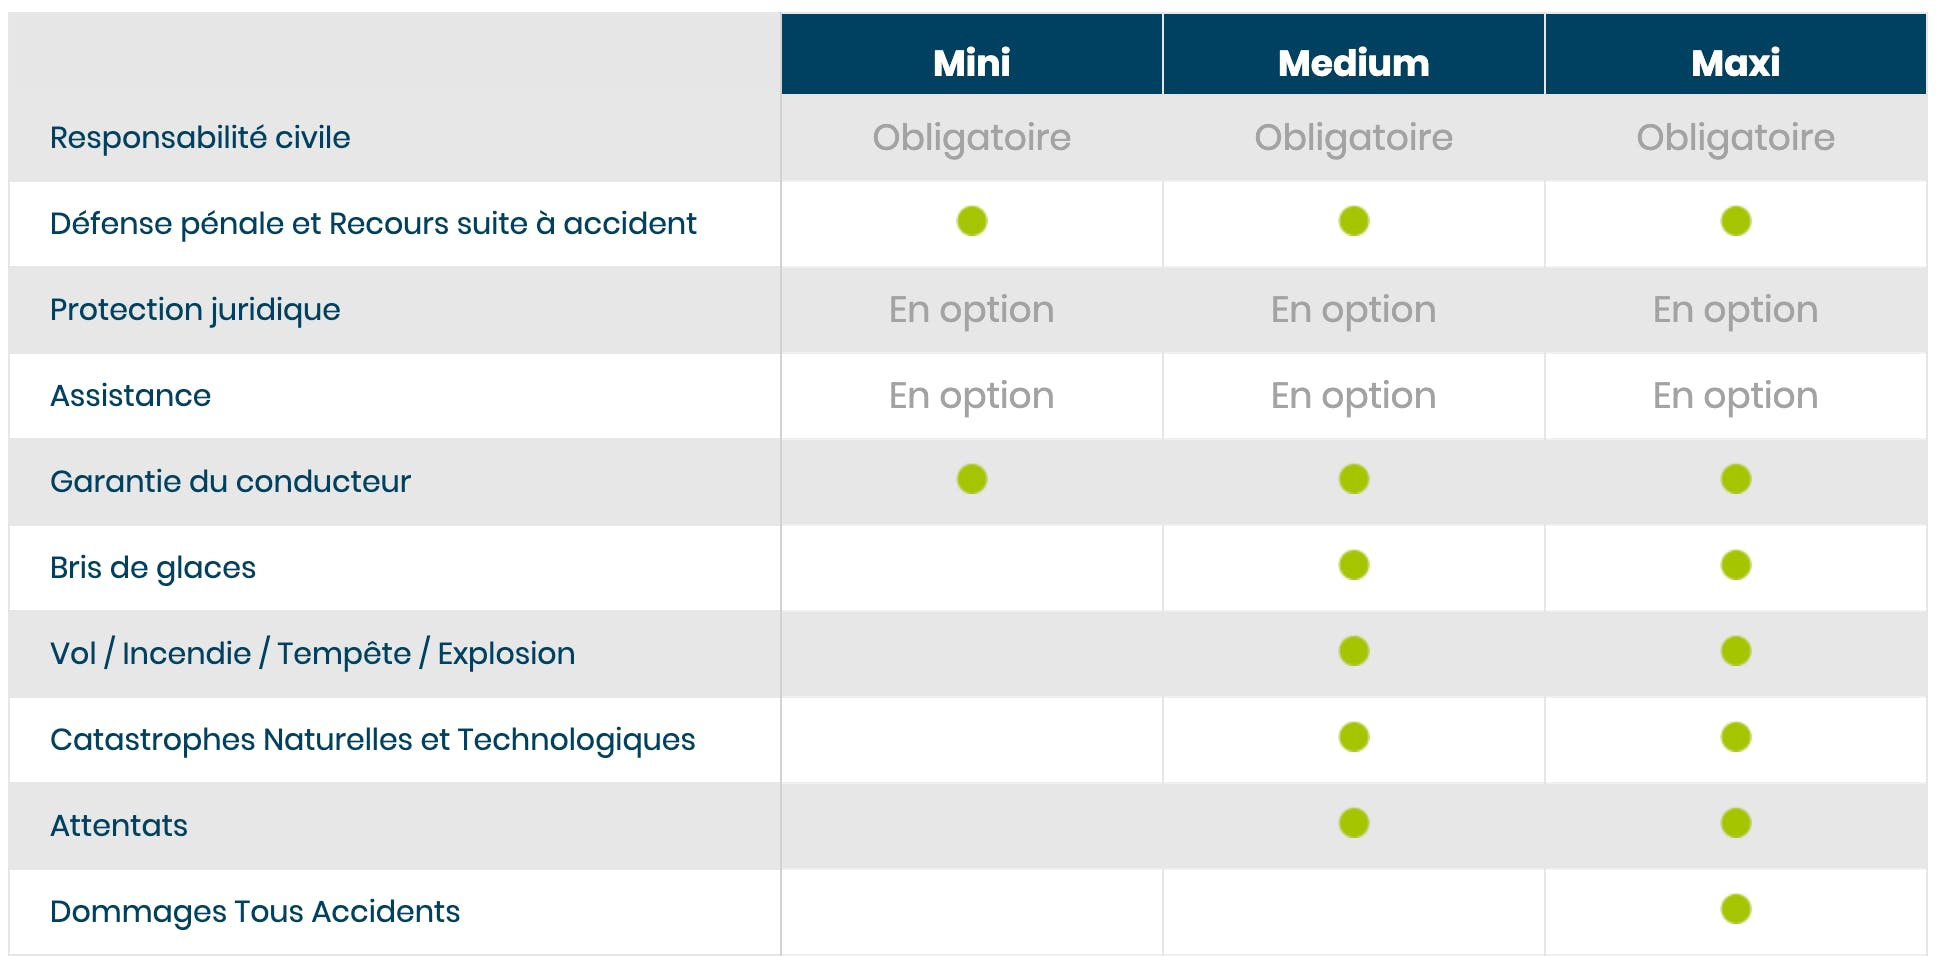 Tableau de comparaison des garanties auto April pour les formules Mini, Medium et Maxi